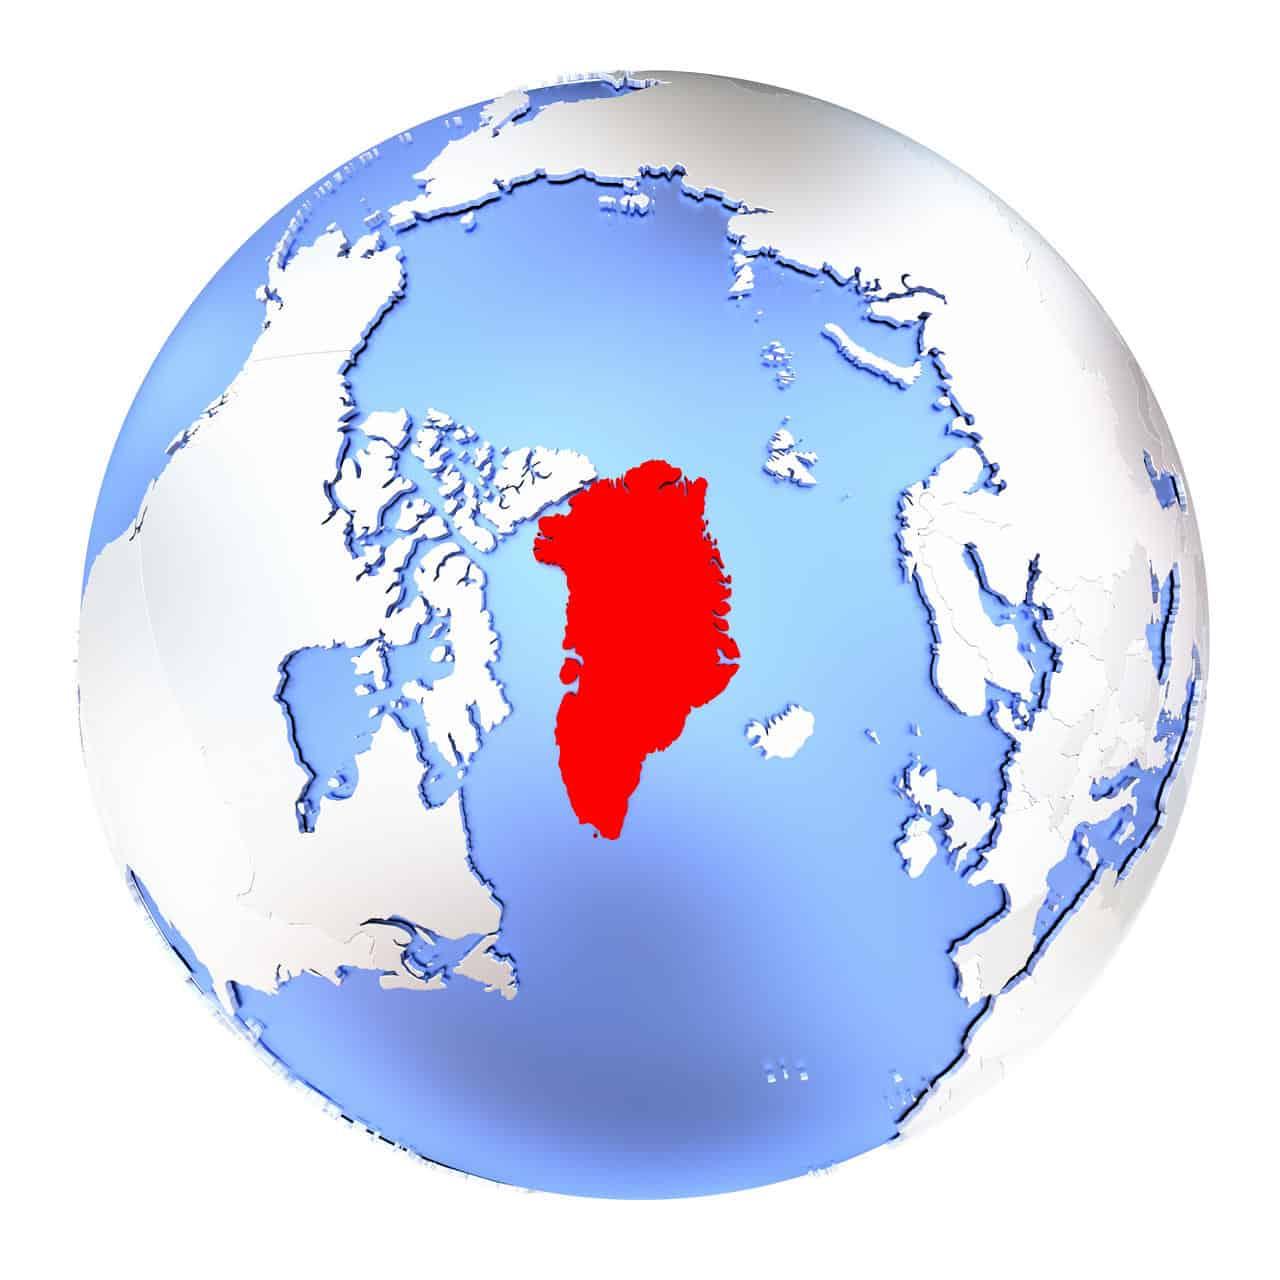 meteo 01904 - METEO incredibile in Groenlandia, è RECORD SCIOGLIMENTO dei ghiacci